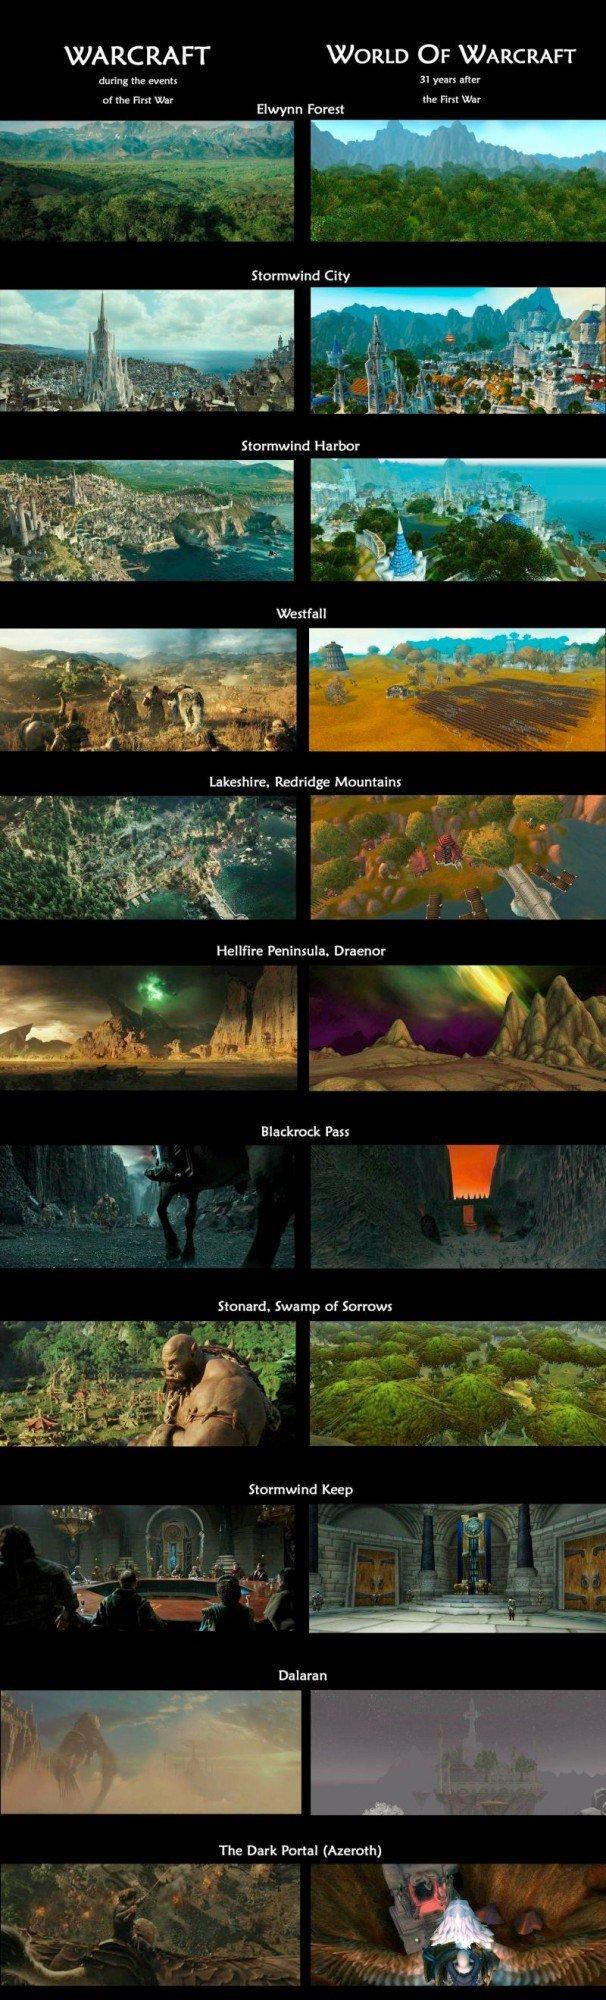 История мира Warcraft | Канобу - Изображение 7